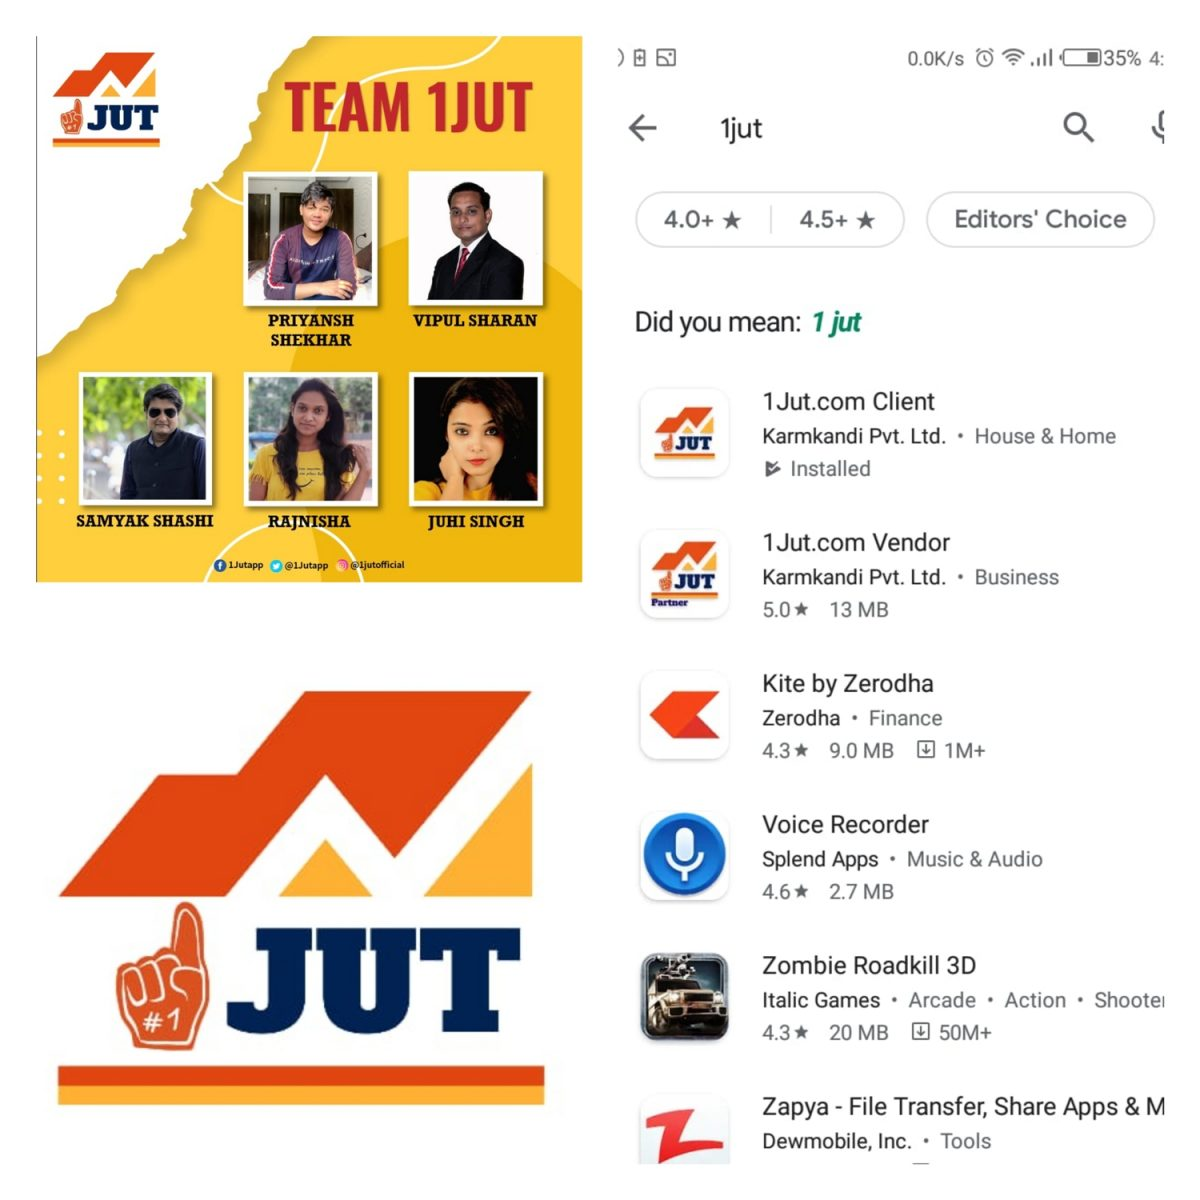 घर बैठे रोजमर्रा की सेवाएं प्रदान करने के लिए पटना के युवाओं ने ईजाद किया 1JUT ऐप